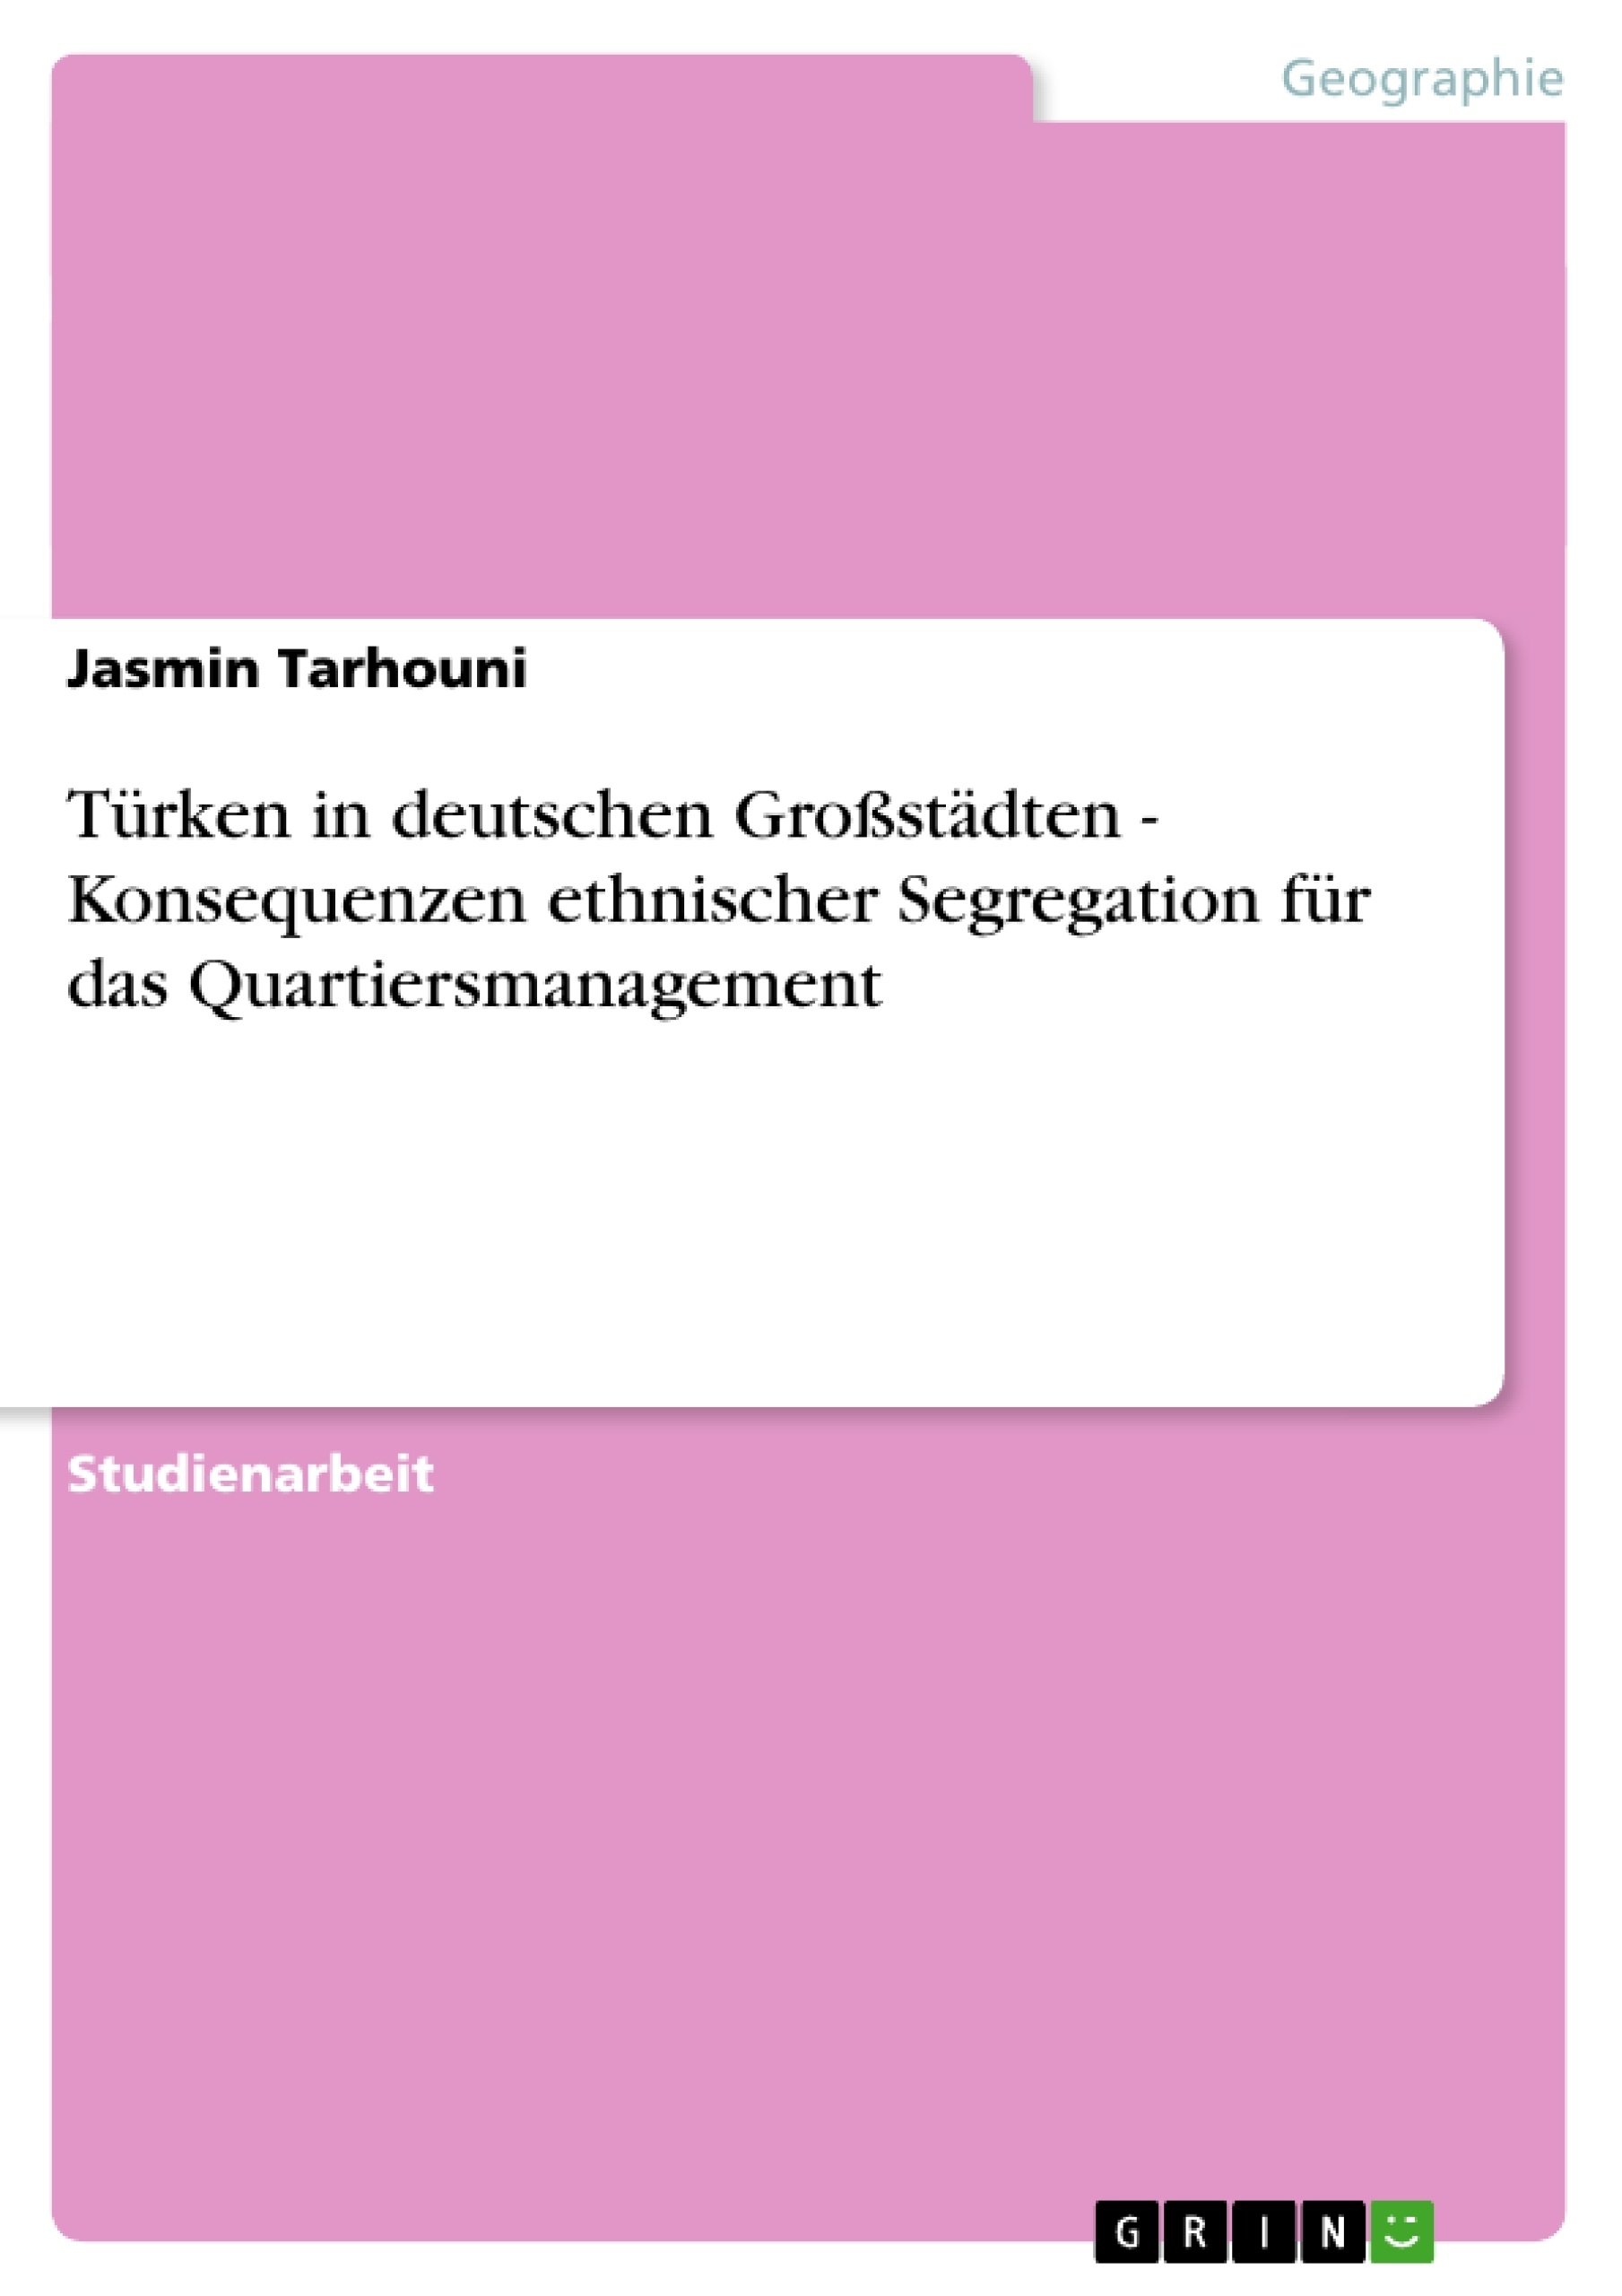 Titel: Türken in deutschen Großstädten - Konsequenzen ethnischer Segregation für das Quartiersmanagement